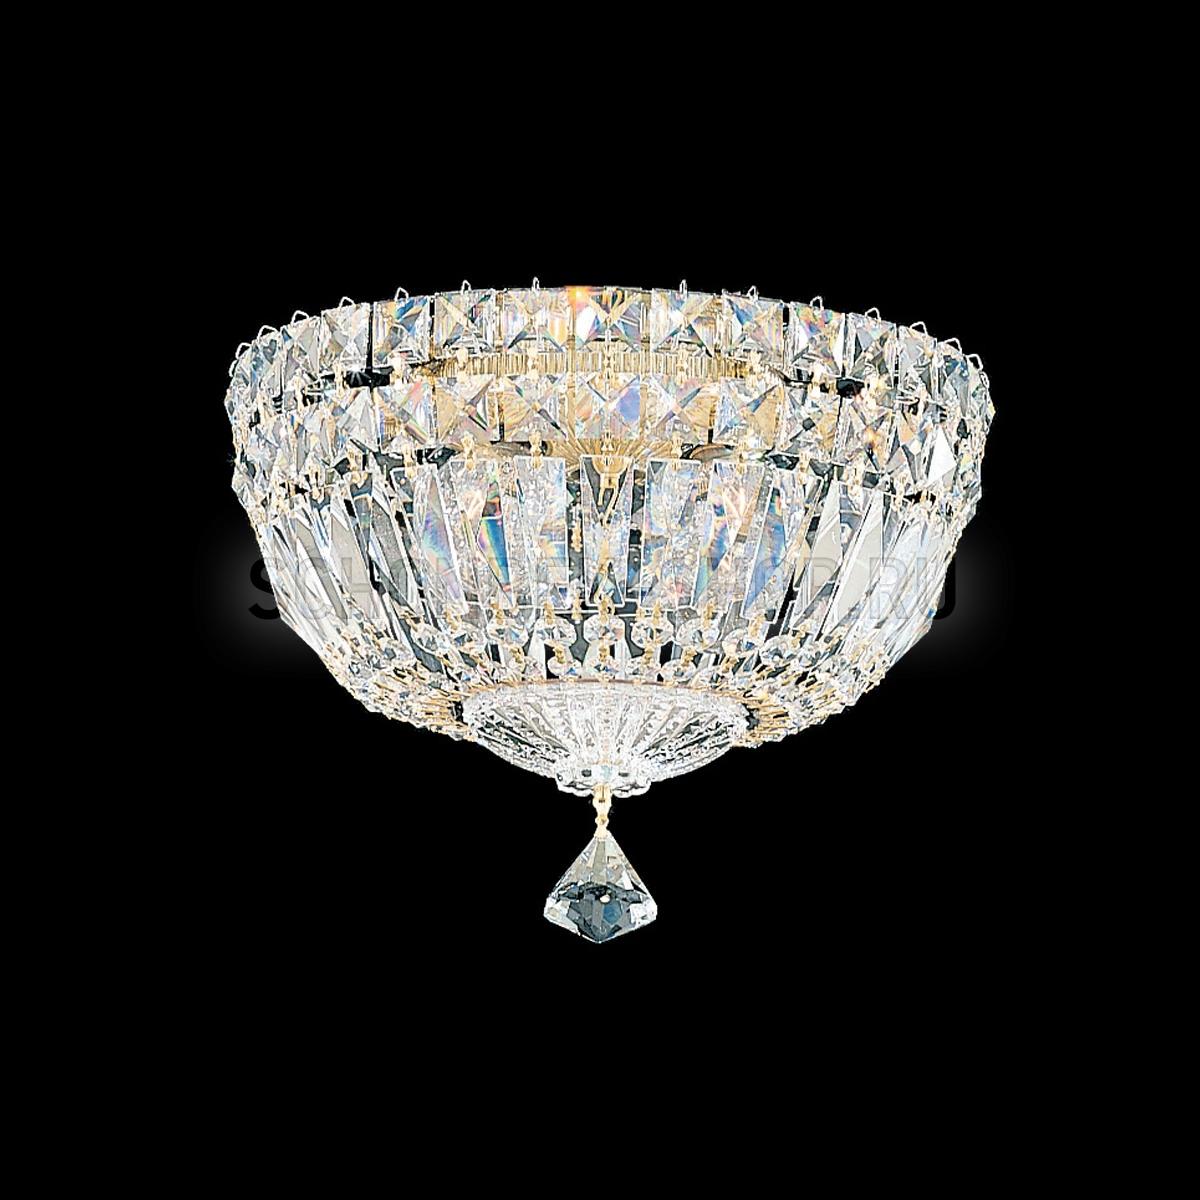 Фотография 1 - Светильник Schonbek Petit Crystal Deluxe 5891 М-401